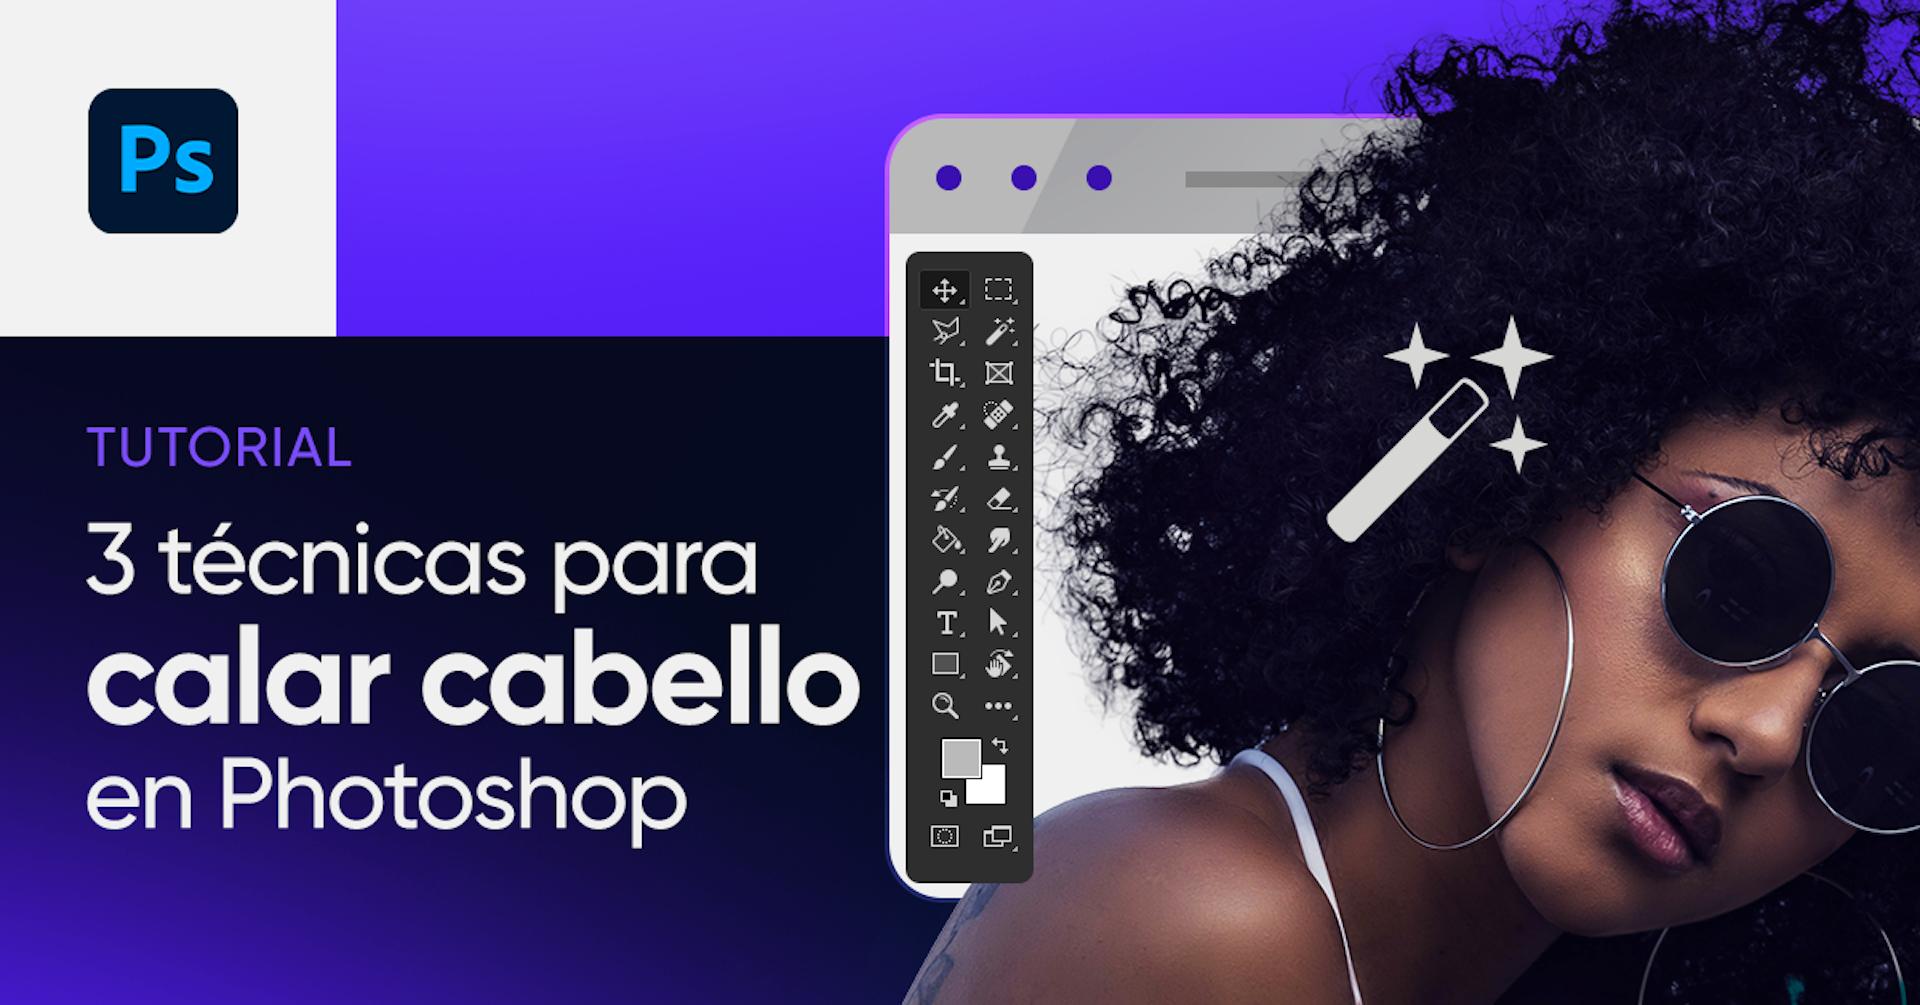 Descubre cómo recortar pelo en Photoshop con tres poderosas herramientas